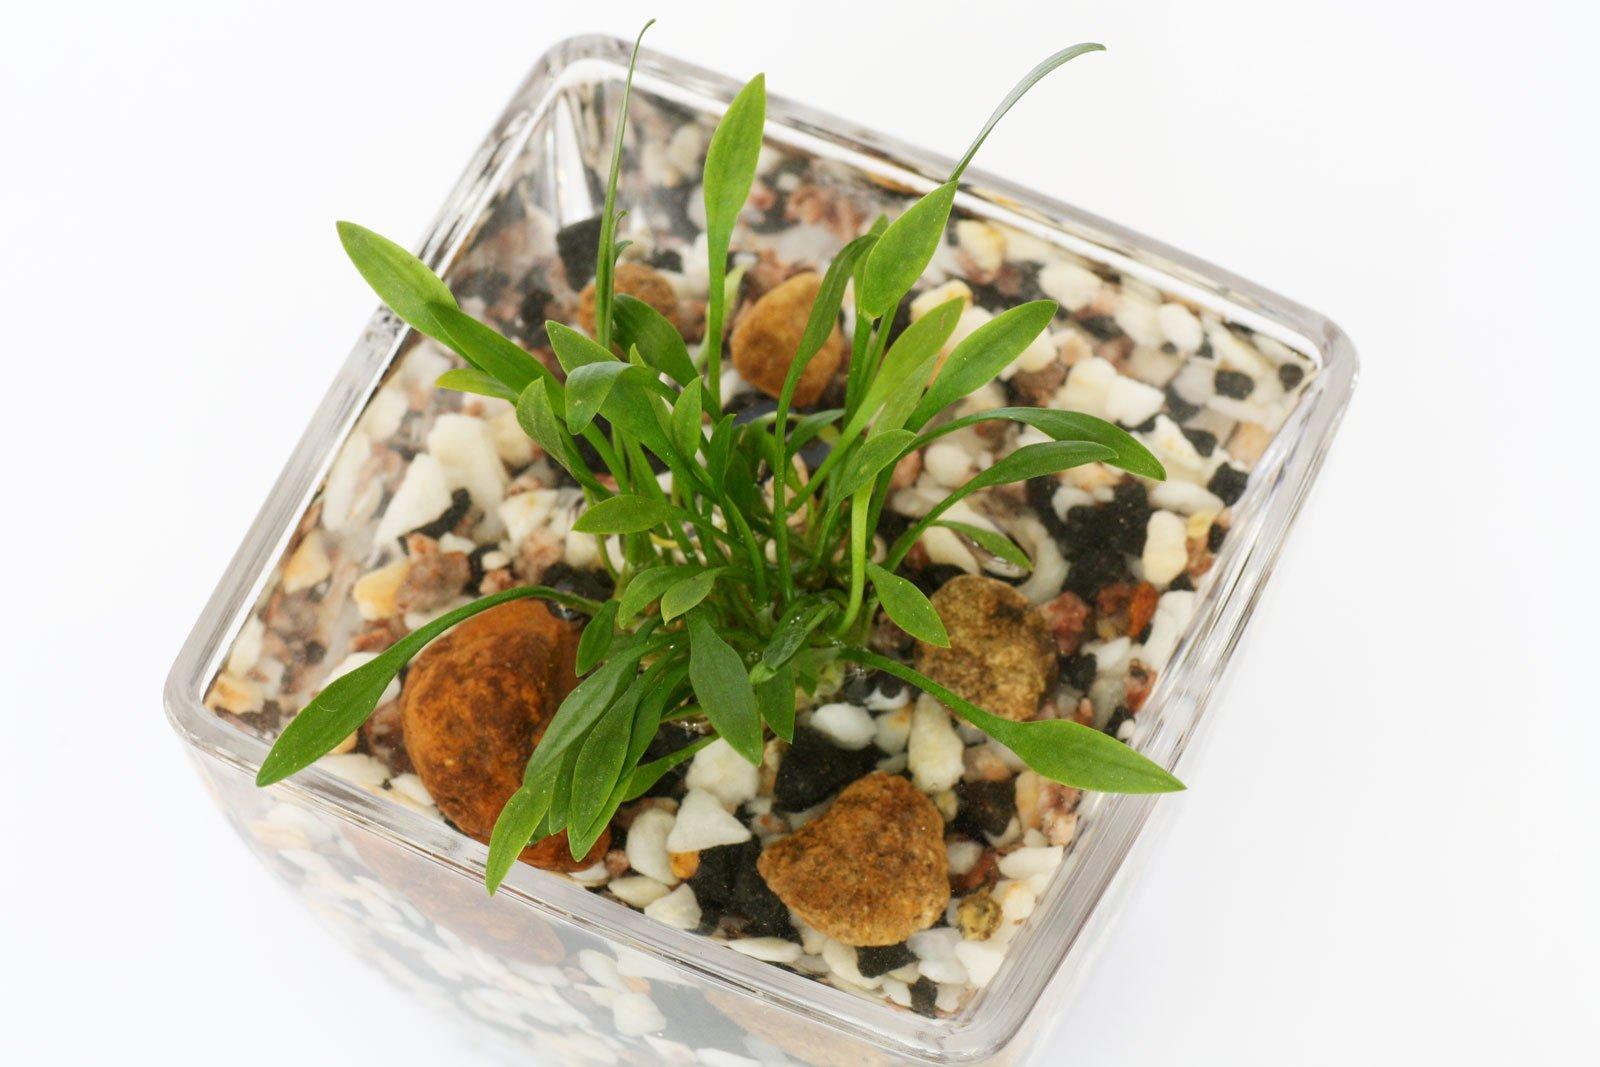 Wasserpflanze im Glas